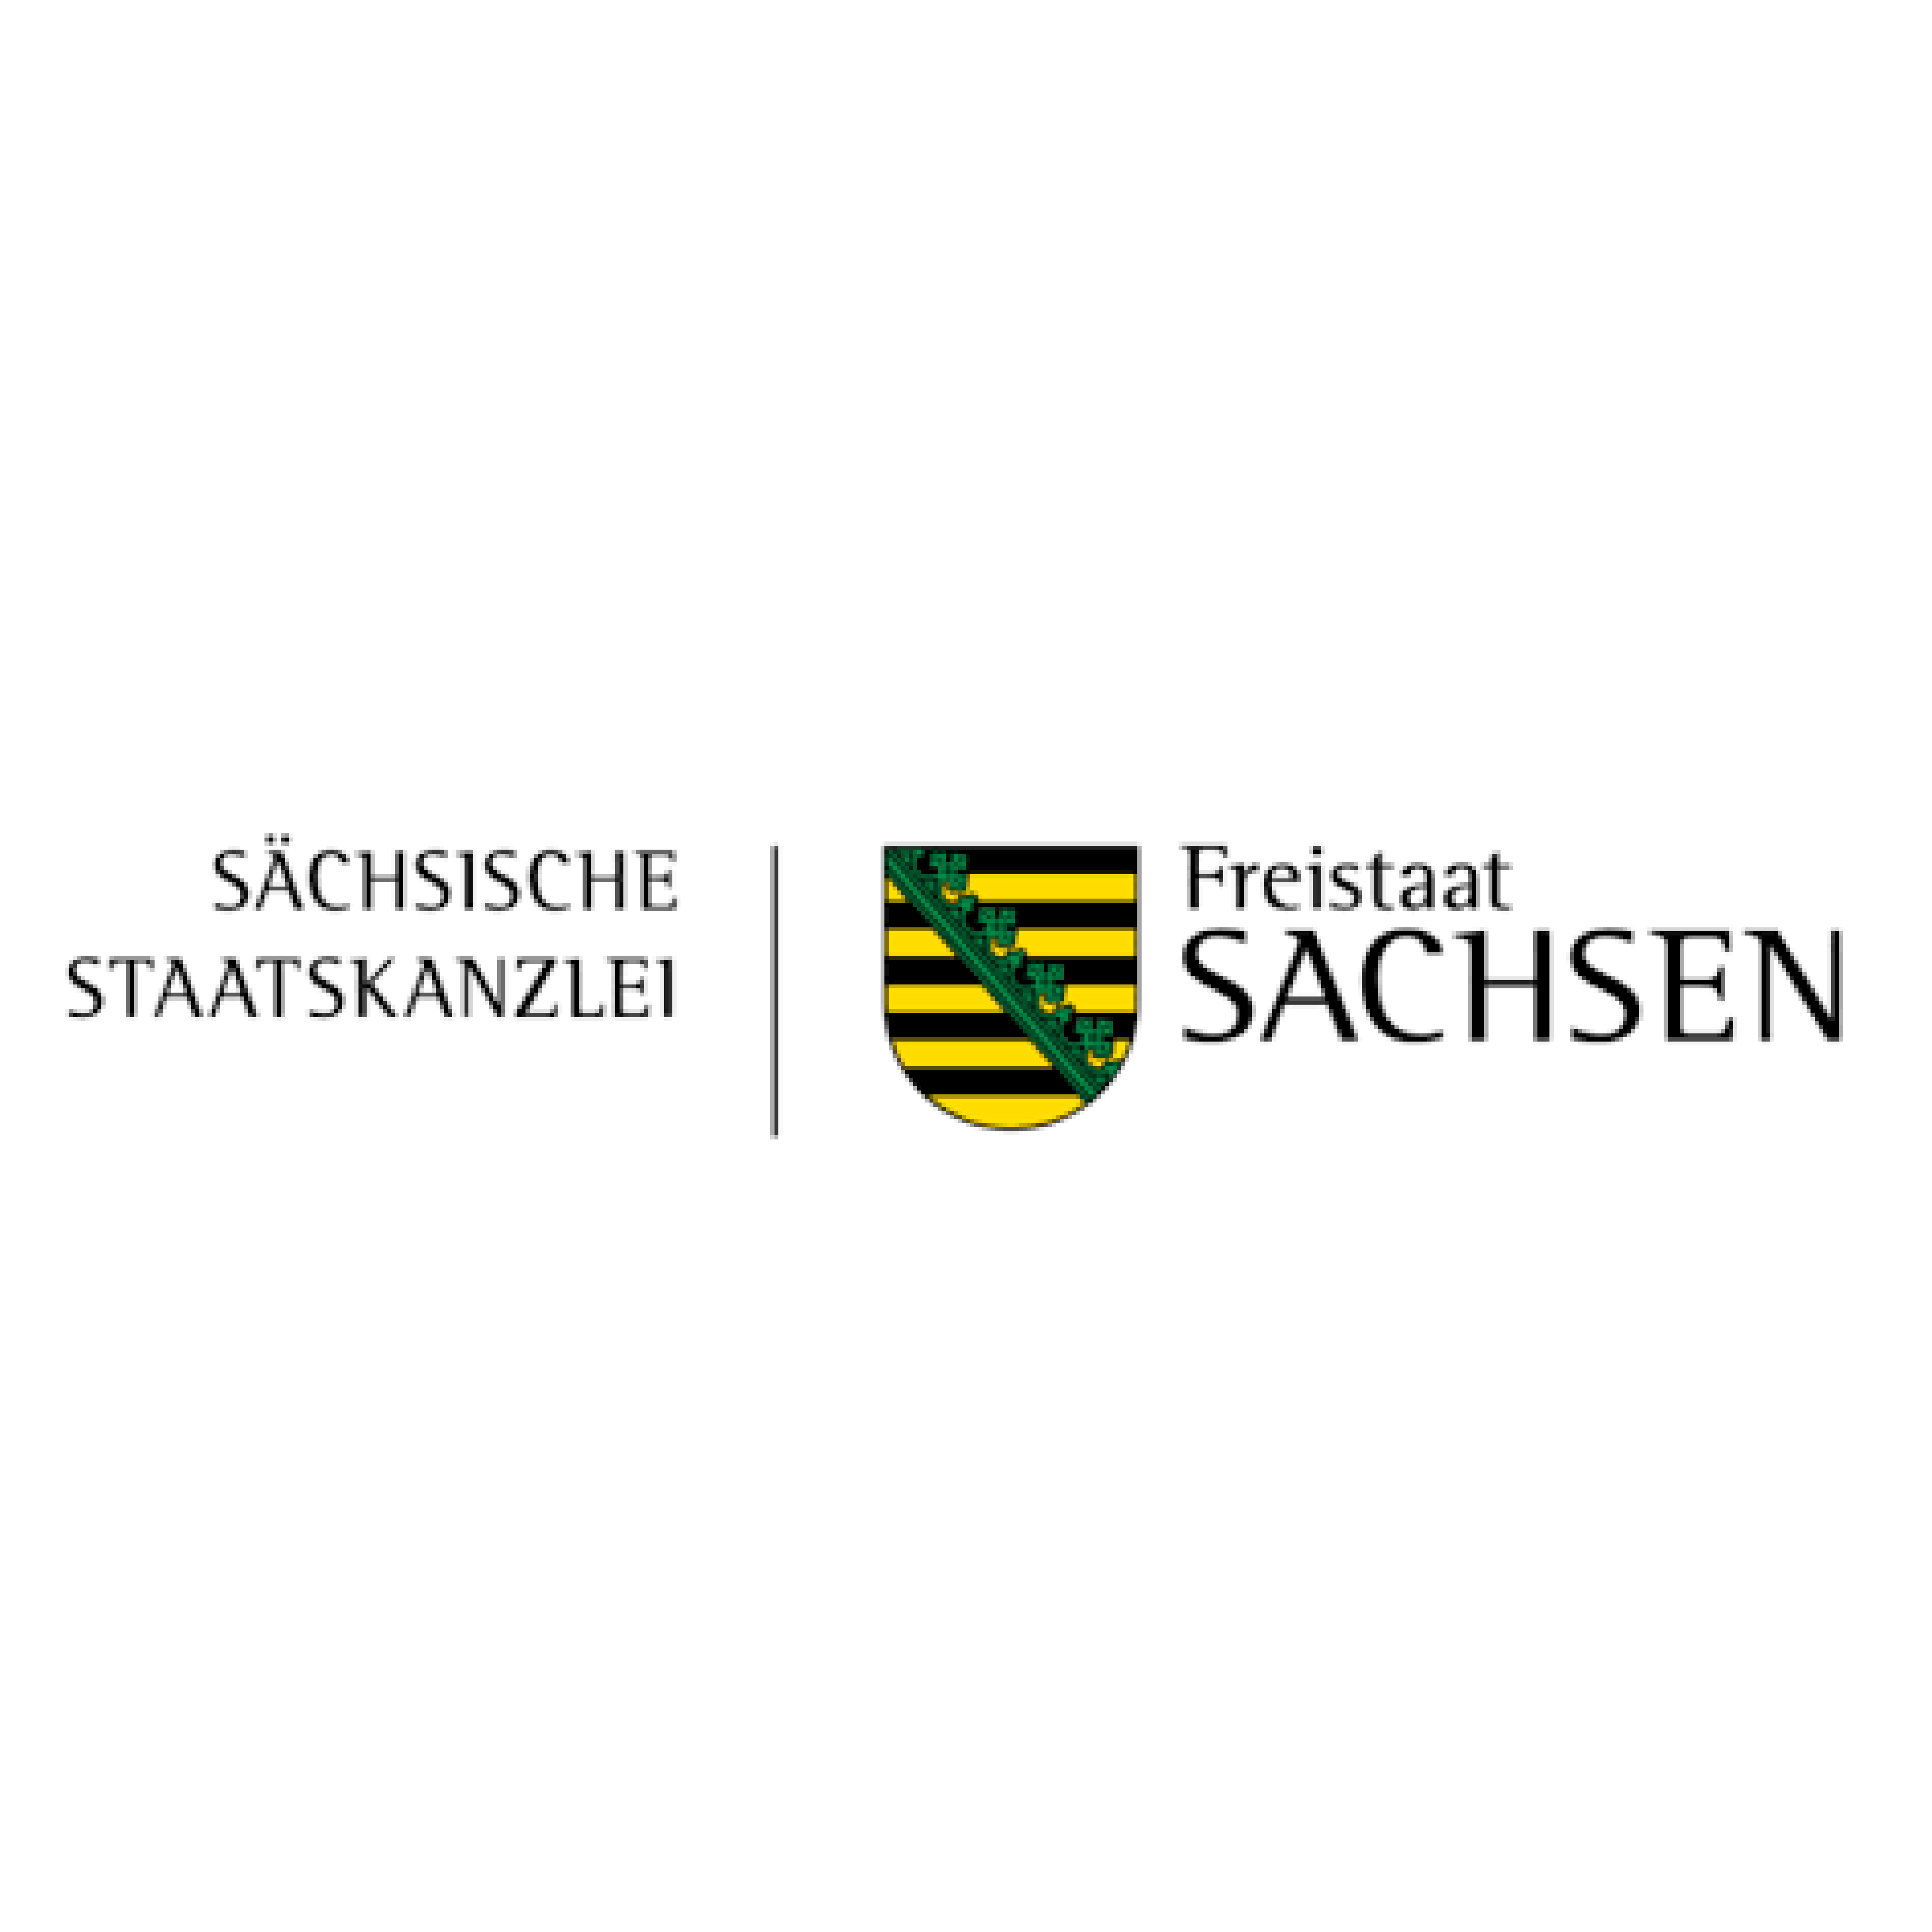 Sächsiche Staatskanzlei Sachsen